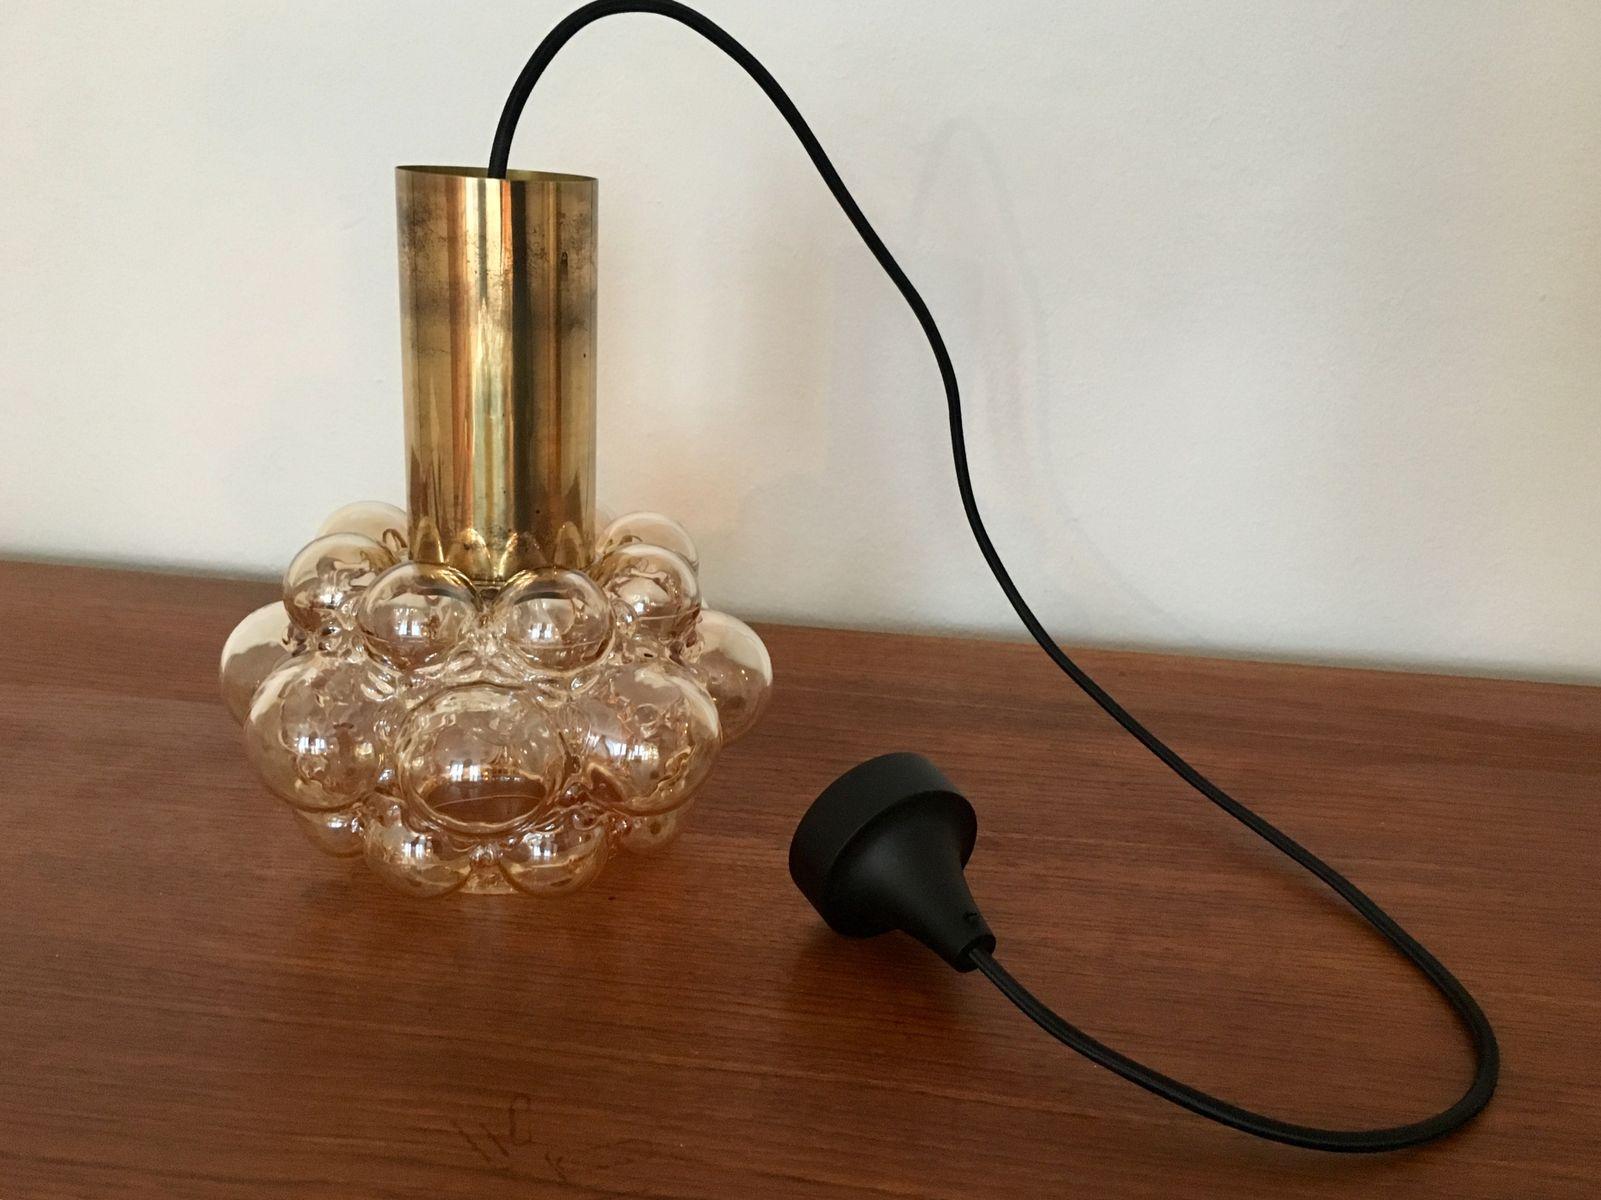 Lampe suspension bulle par helena tynell pour limburg 1960s en vente sur pamono - Lampe a bulle ...